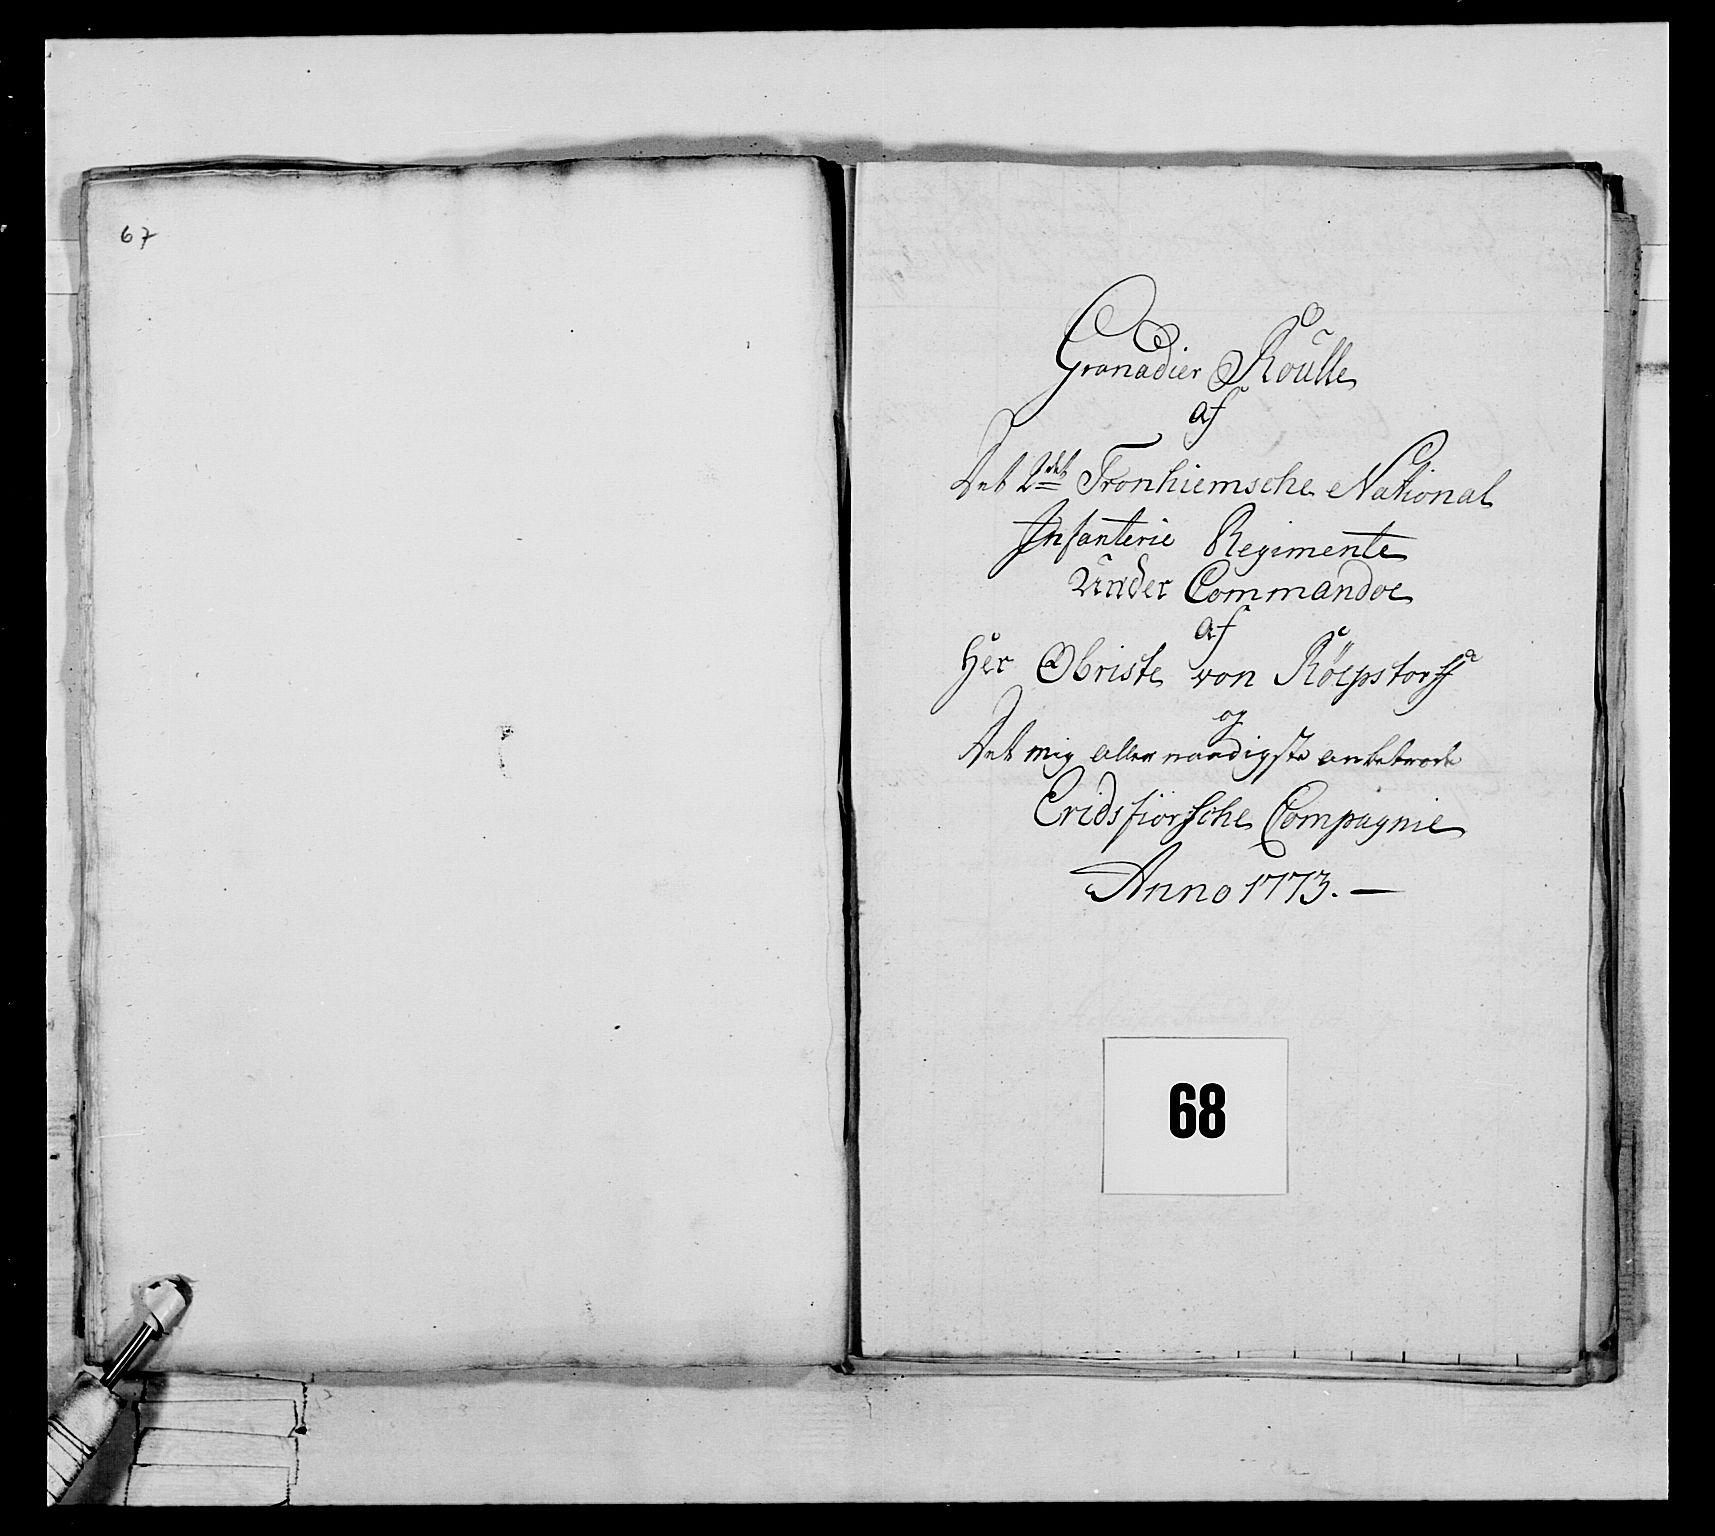 RA, Generalitets- og kommissariatskollegiet, Det kongelige norske kommissariatskollegium, E/Eh/L0076: 2. Trondheimske nasjonale infanteriregiment, 1766-1773, s. 280